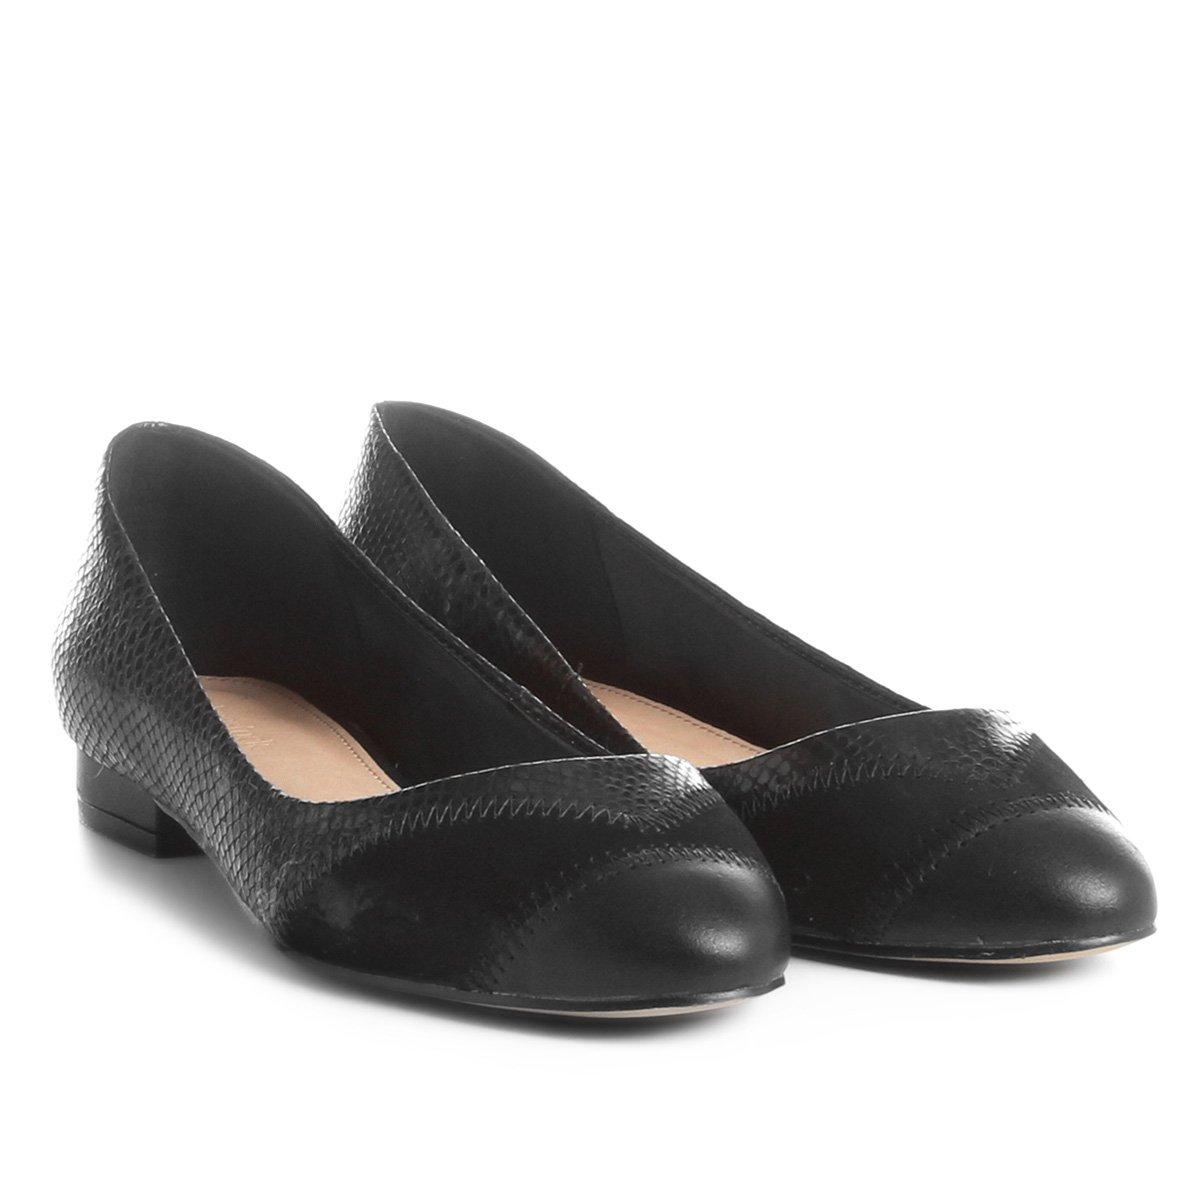 c46249b7440 Sapatilha Couro Shoestock Patchwork Feminina - Compre Agora